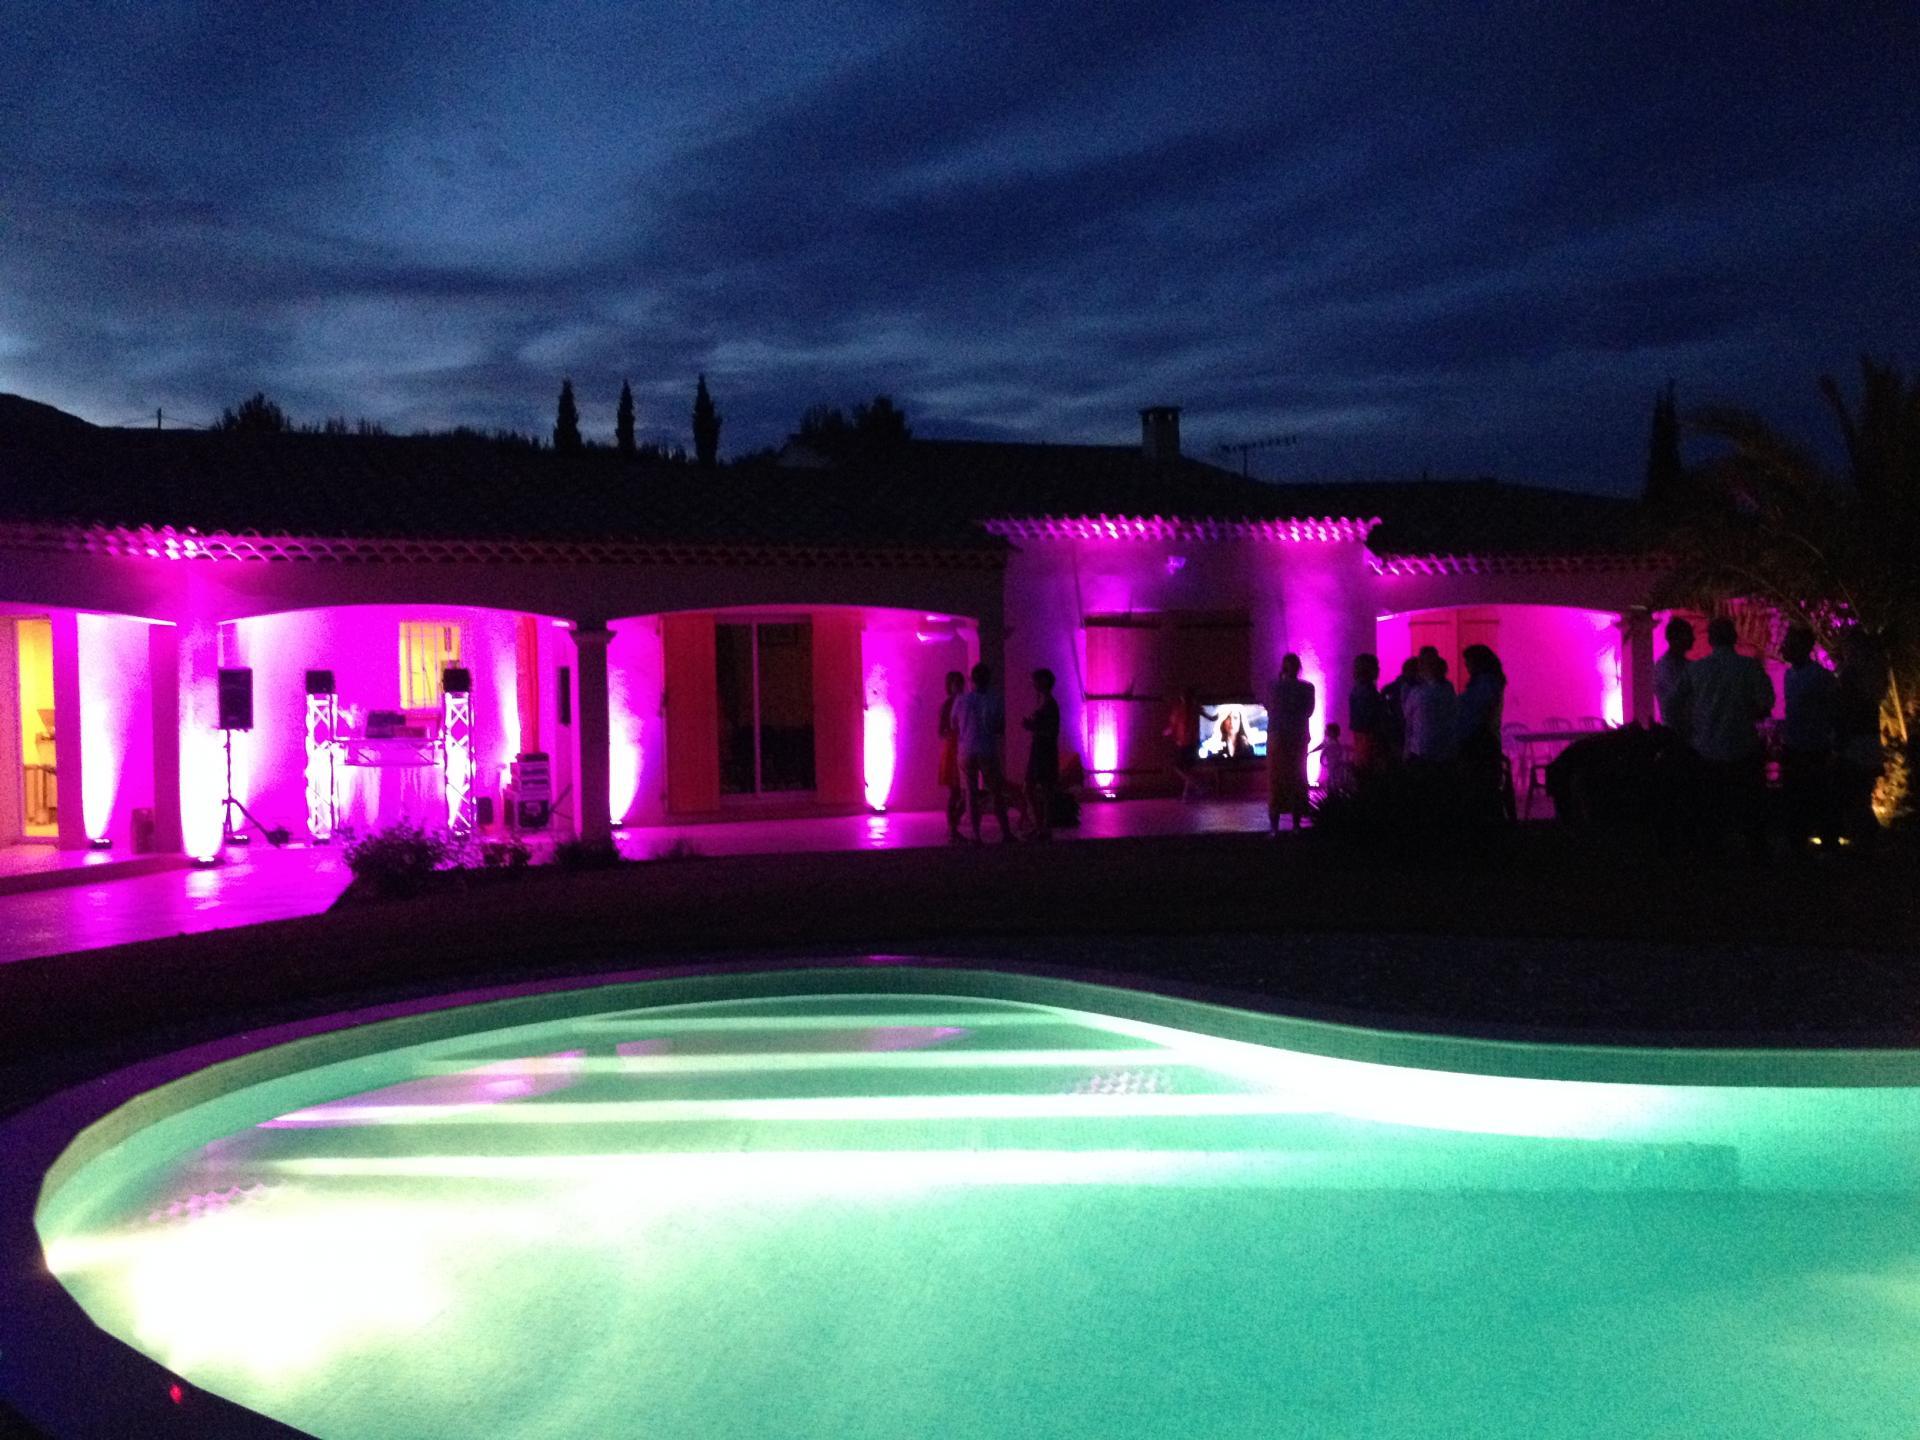 Habillage lumière d'une façade de villa